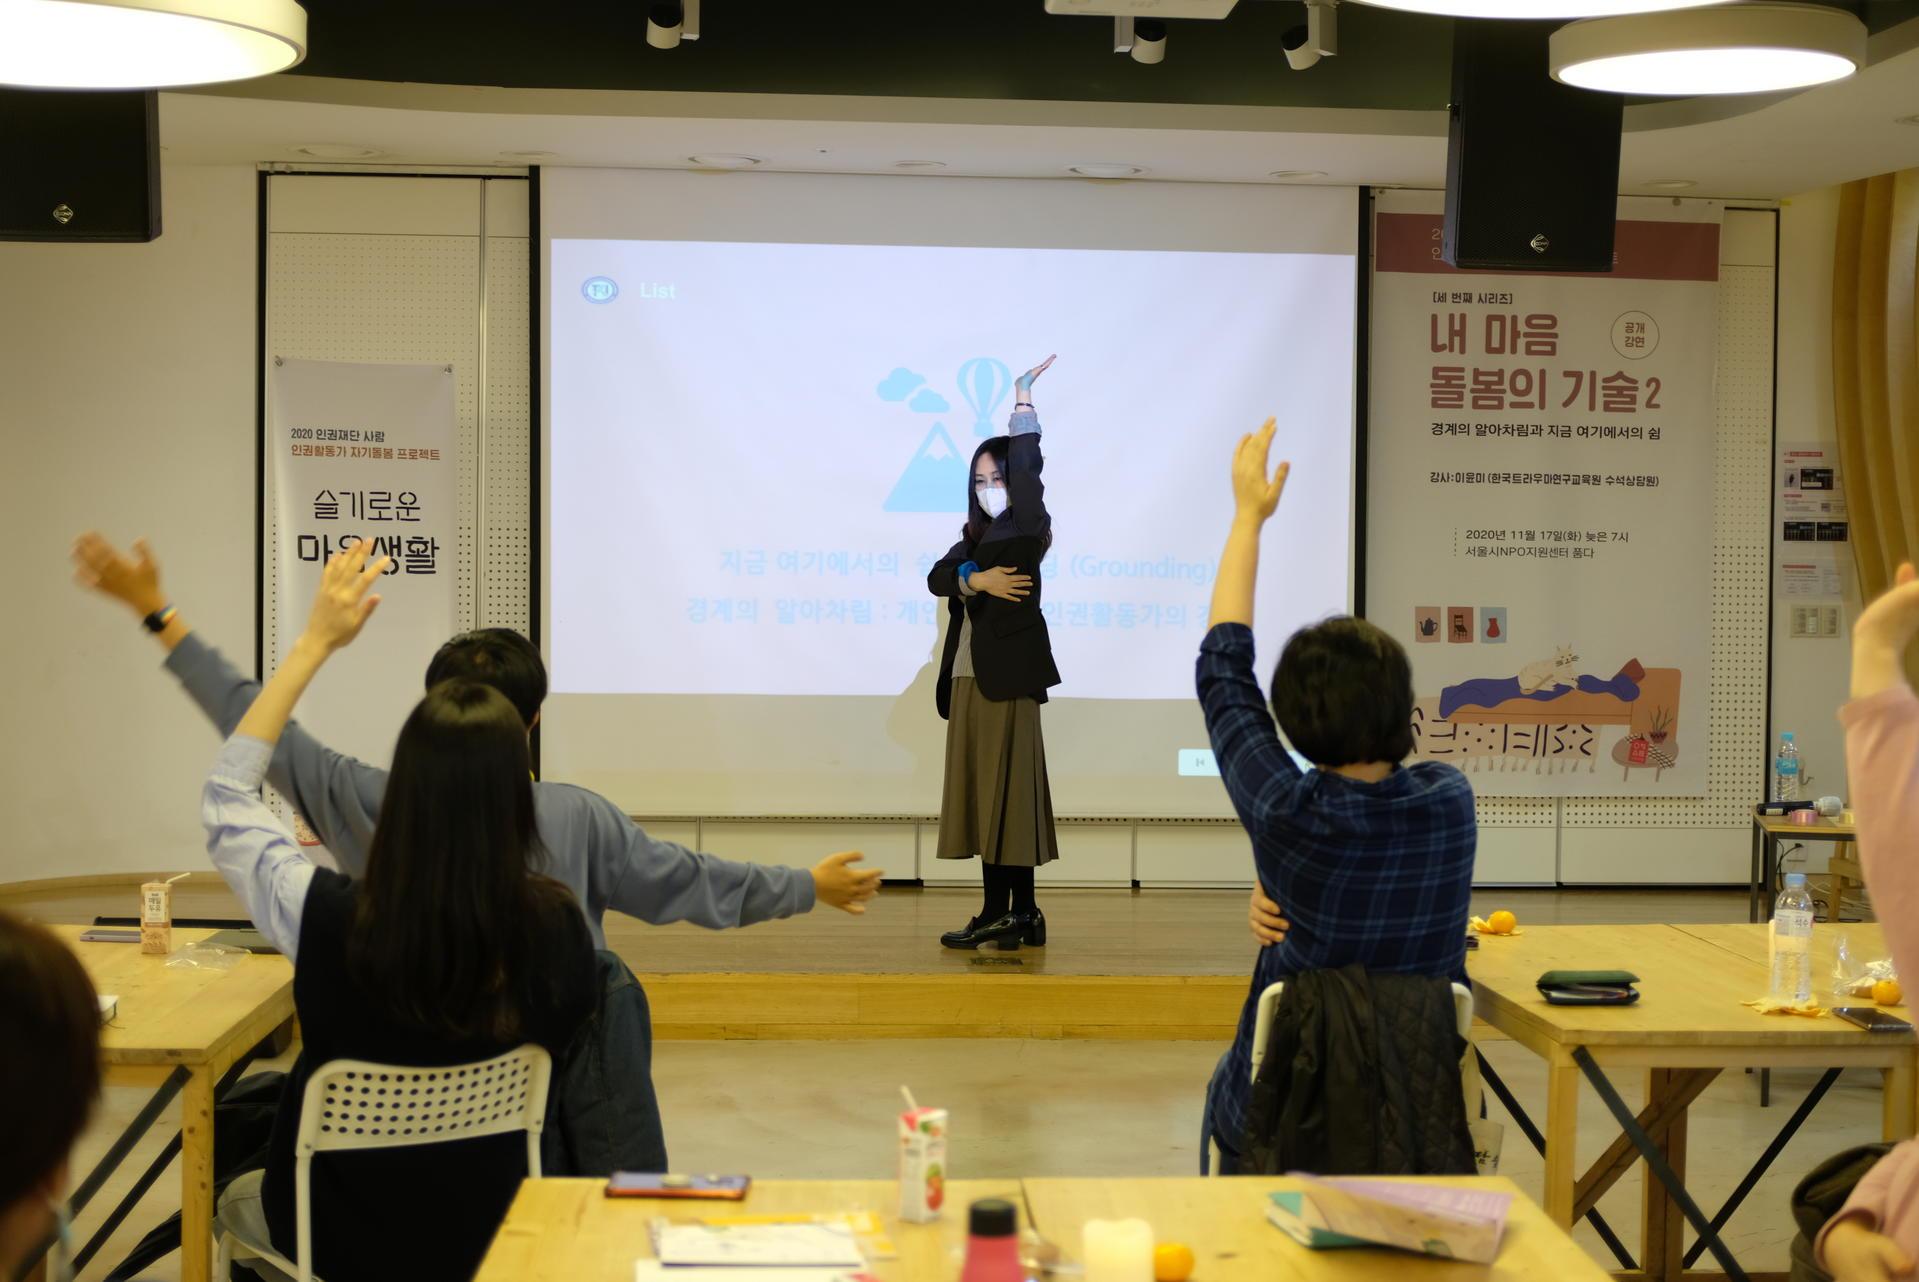 강사님이 앞에서 한쪽팔을 높이 들고 다른쪽팔로 몸통을 감싸고 있고, 참여자들은 따라하고 있음